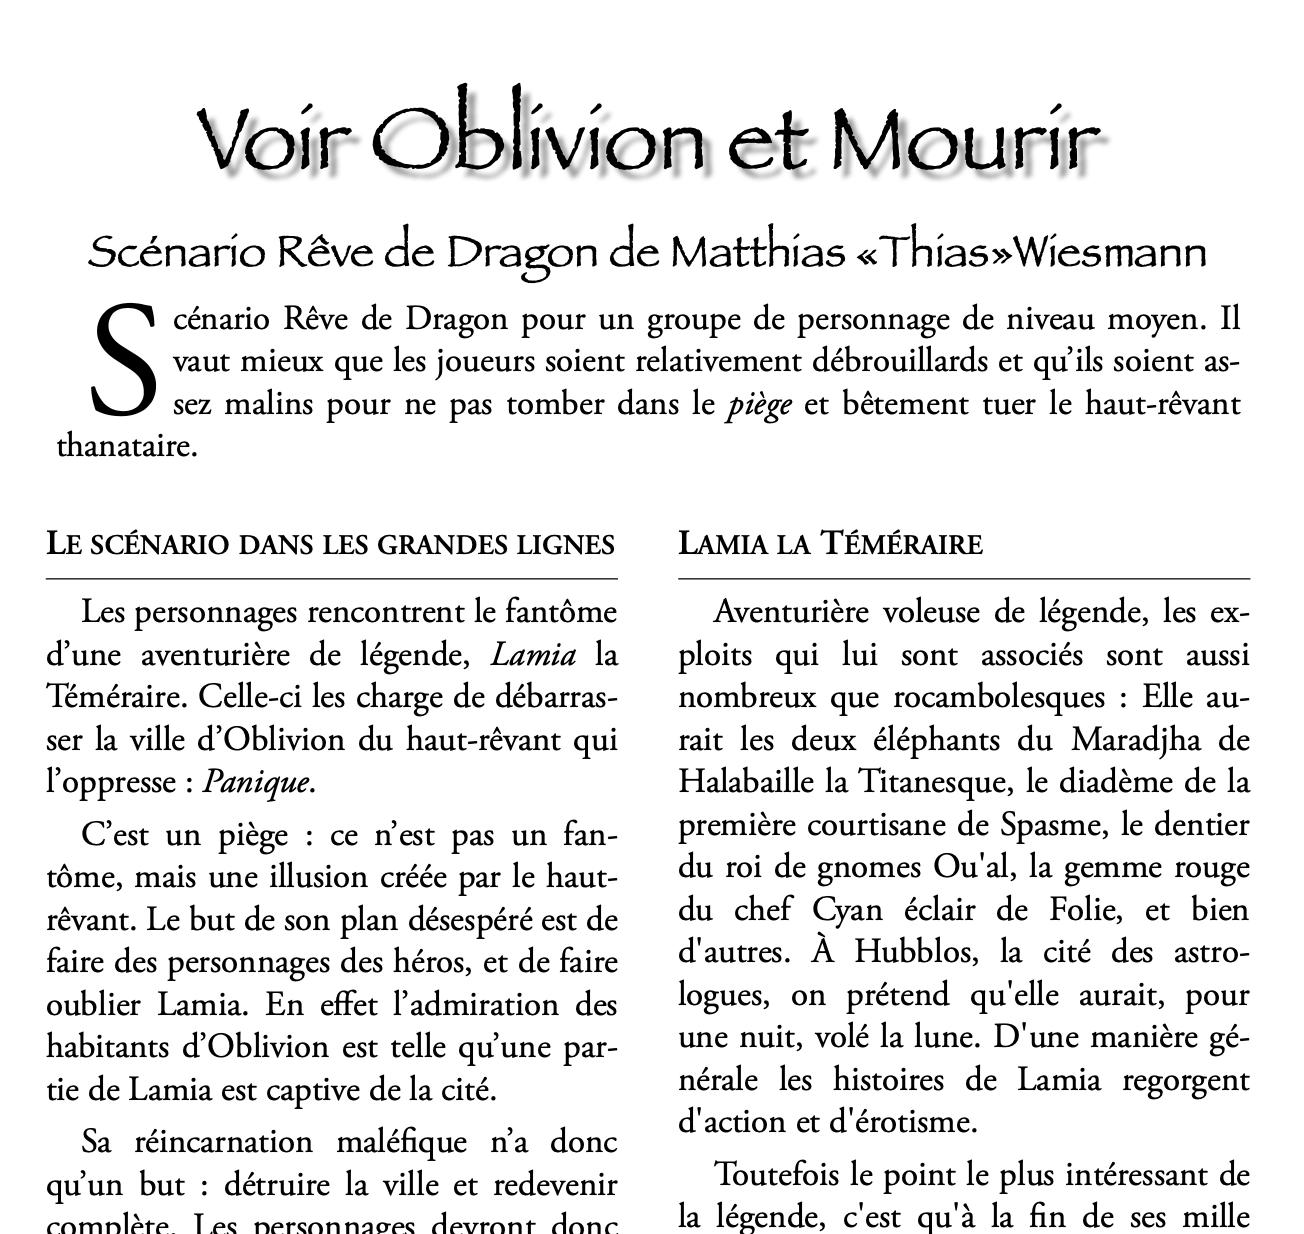 Voir Oblivion et Mourir